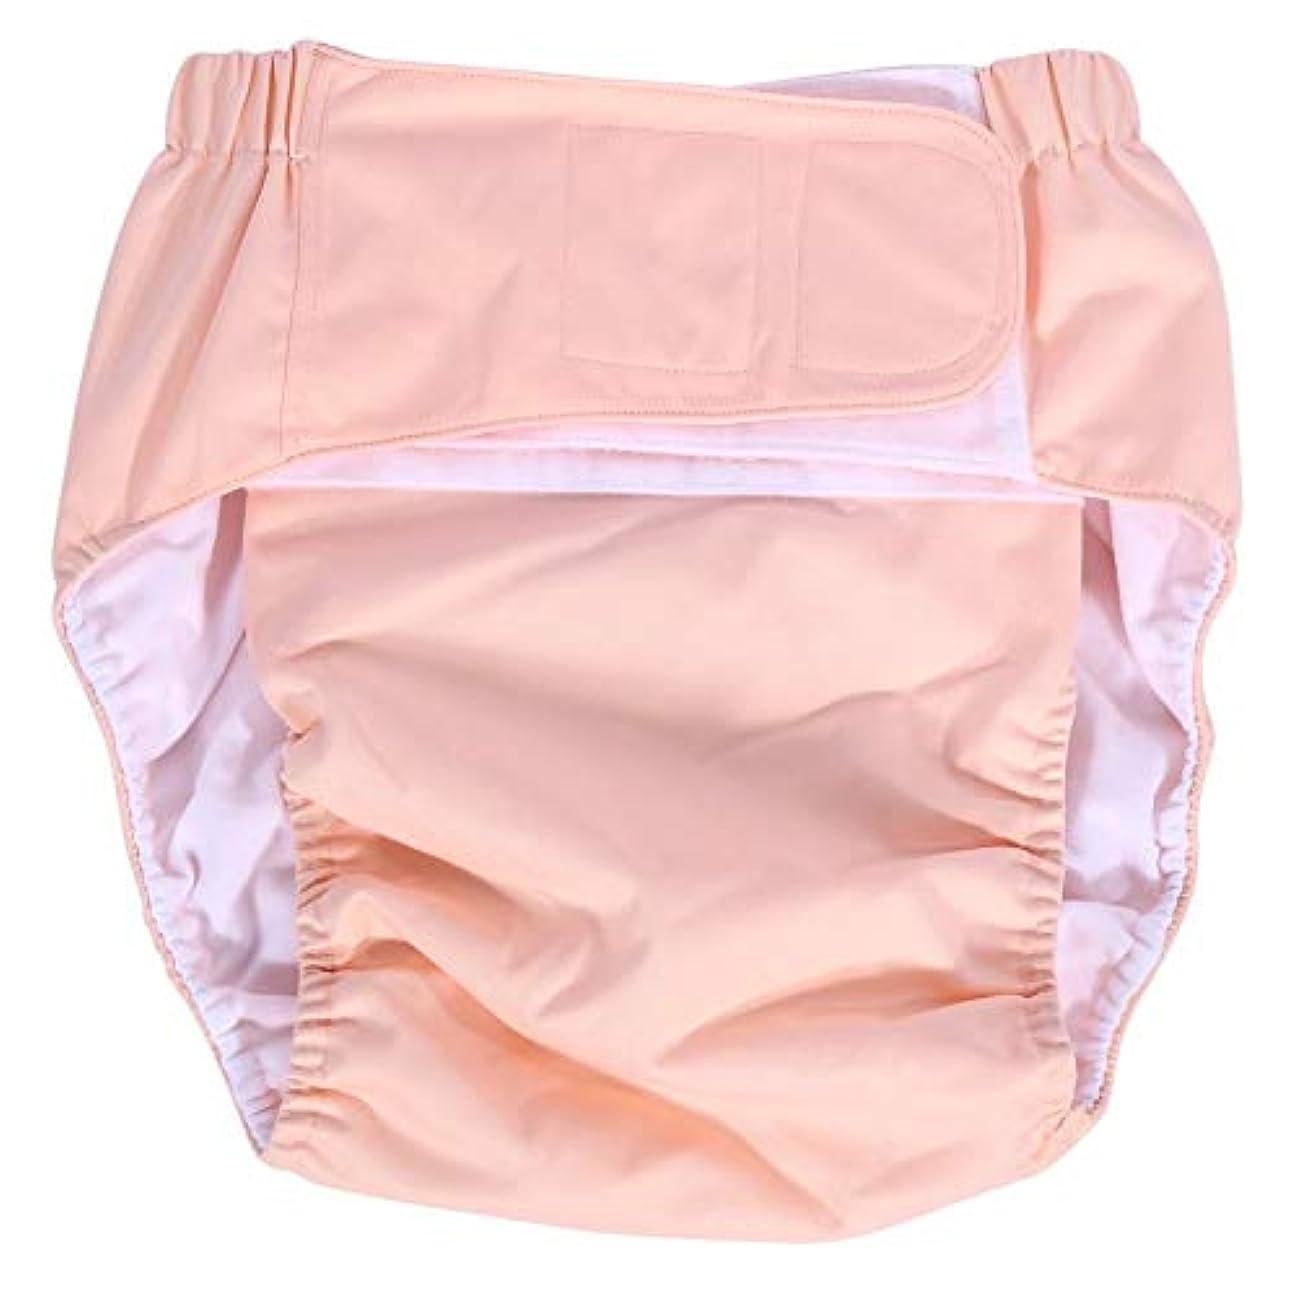 拡声器郵便屋さん書く大人用おむつ、洗える再利用可能な超吸収性おむつ中失禁下着ナプキン大人用パンツ (Color : ピンク)